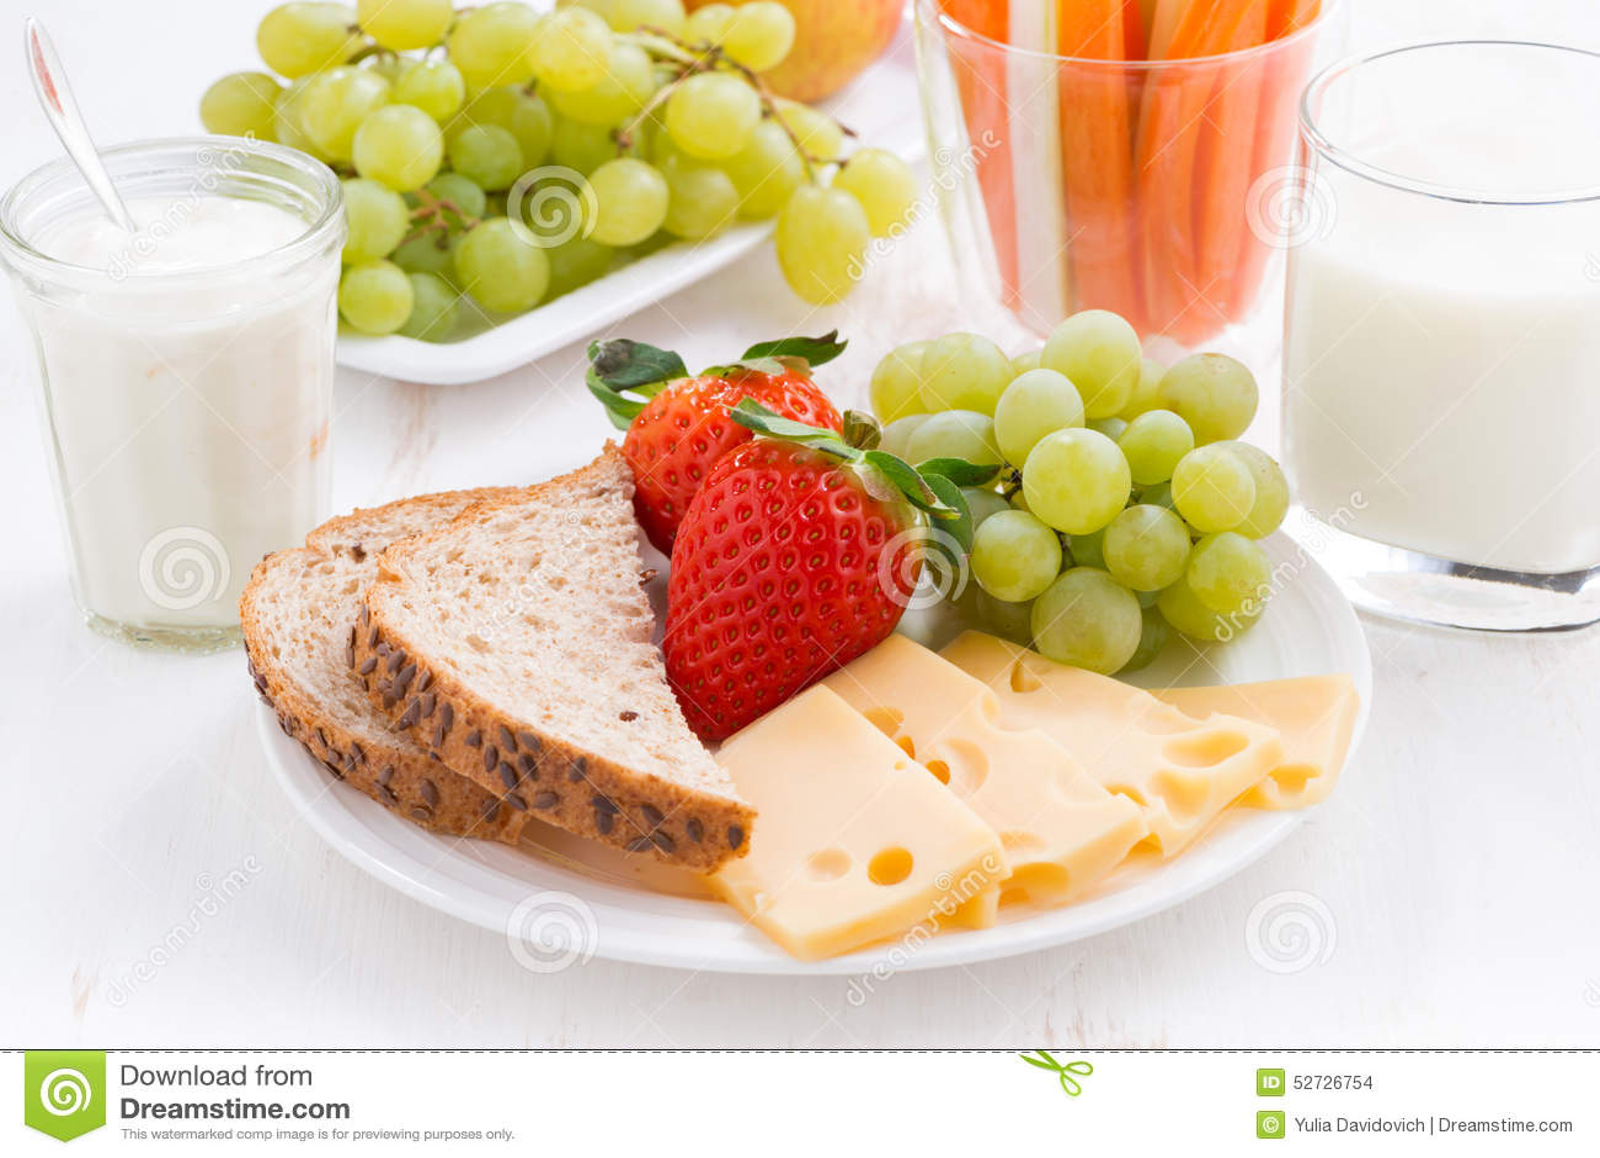 red fruits healthy fruit breakfast ideas